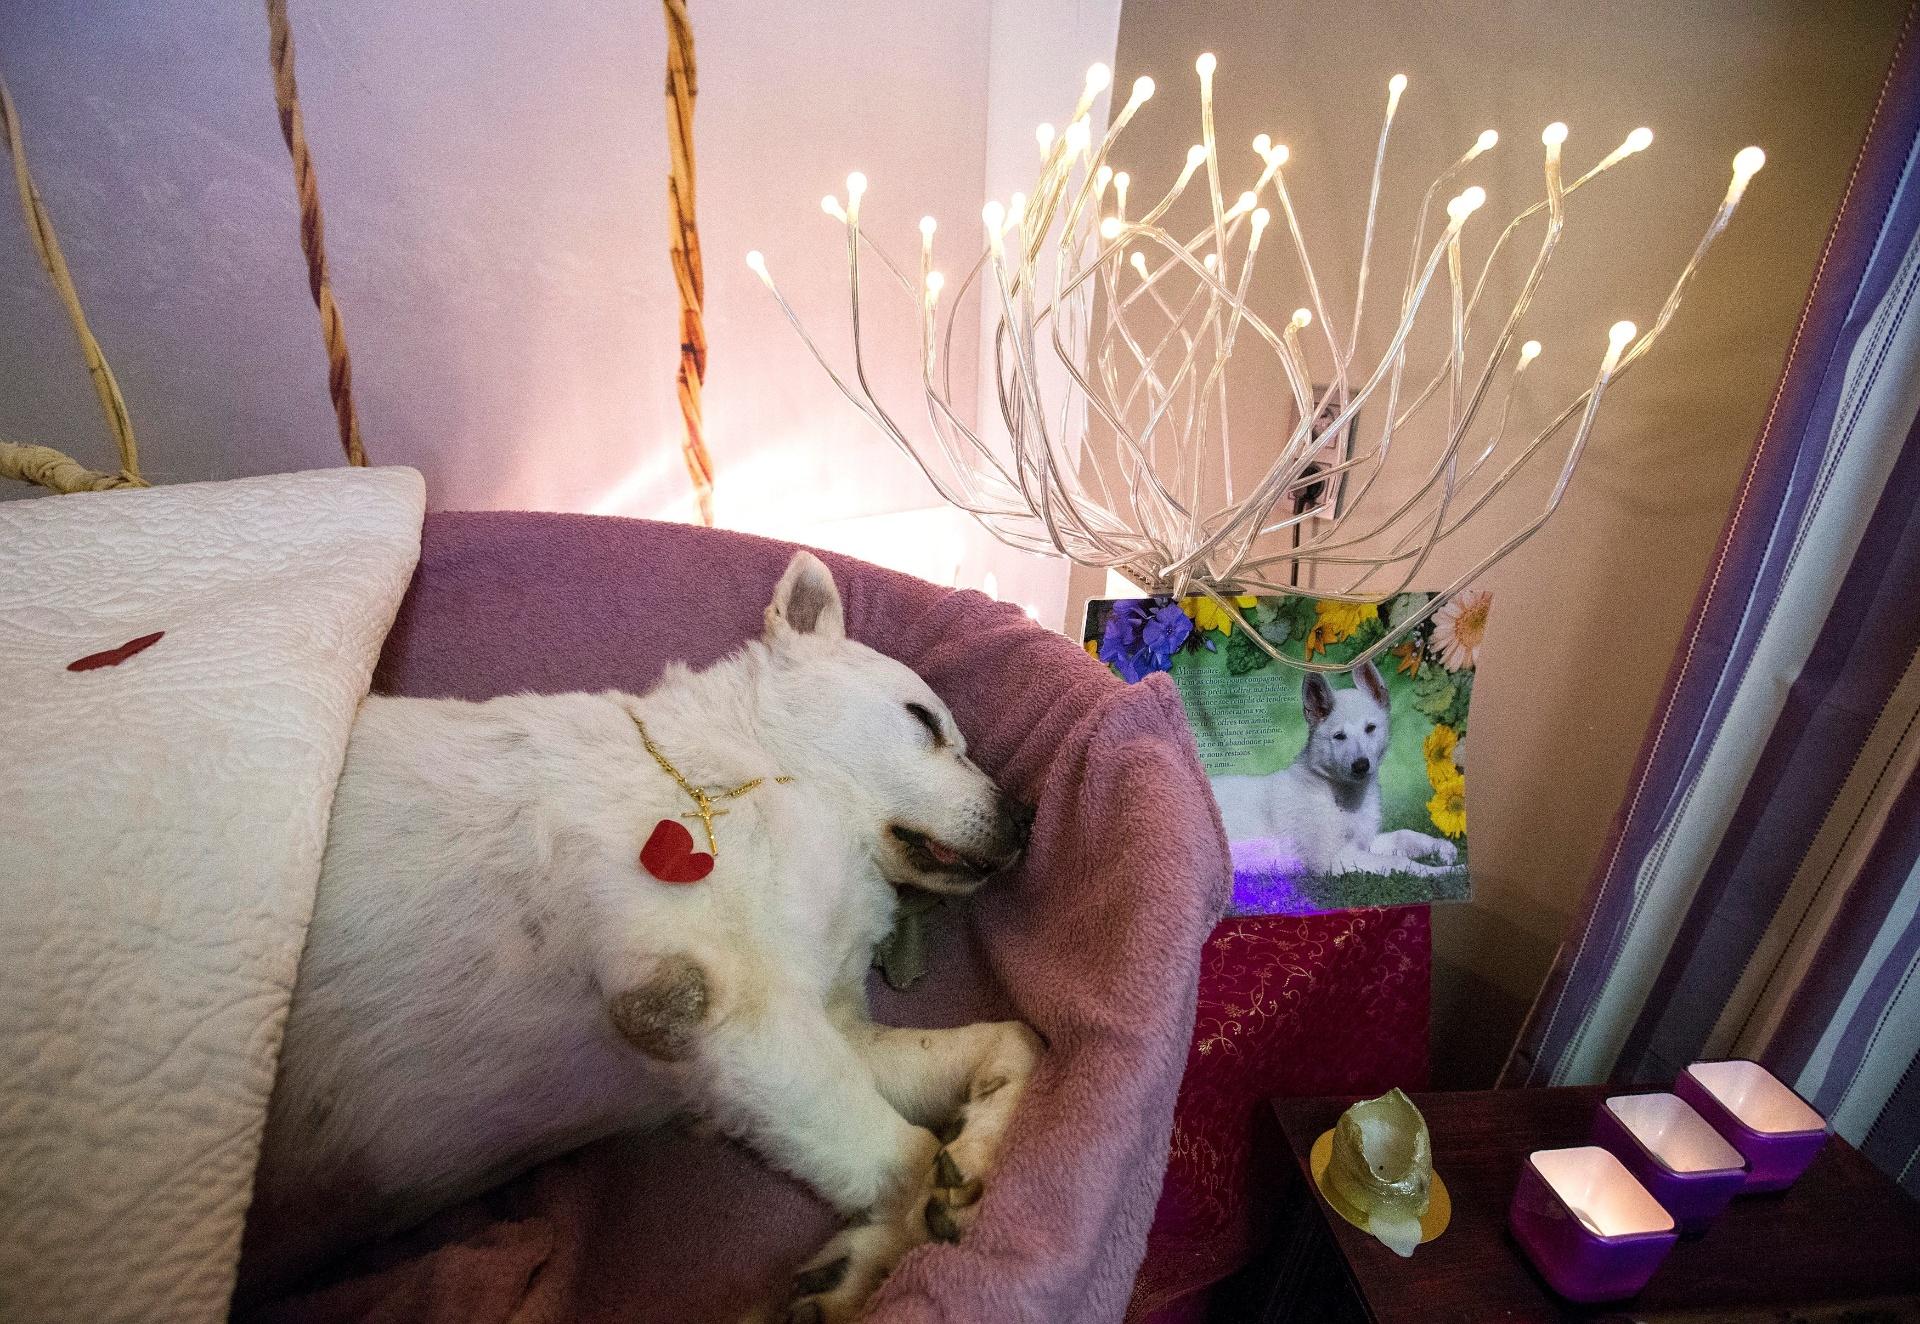 20.mai.2016 - A pastora canadense Bianca teve um funeral de alto nível, feito pela Animatrans, que afirma ser a primeira na Bélgica a oferecer o serviço exclusivamente para animais. A empresa é especializada em funerais, cremação e até empalhamento de animais de estimação